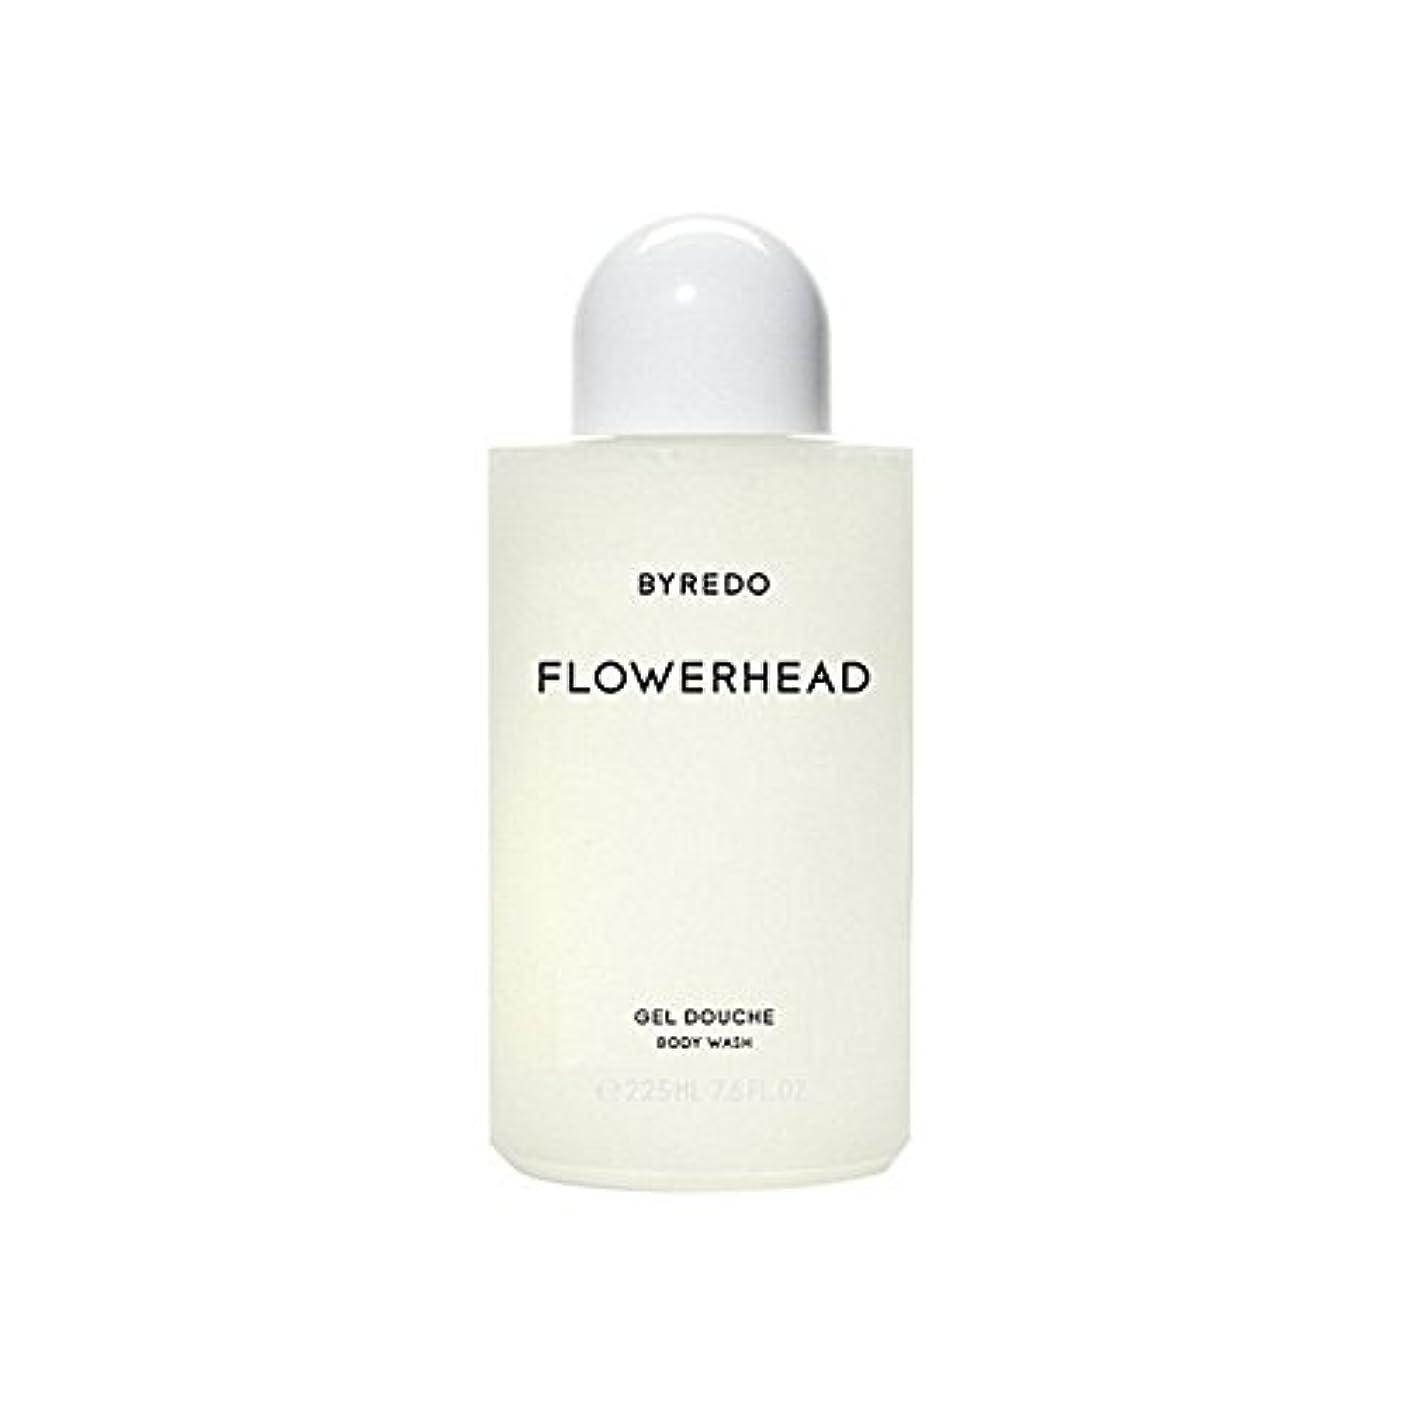 肺炎最愛の生産性ボディウォッシュ225ミリリットル x4 - Byredo Flowerhead Body Wash 225ml (Pack of 4) [並行輸入品]